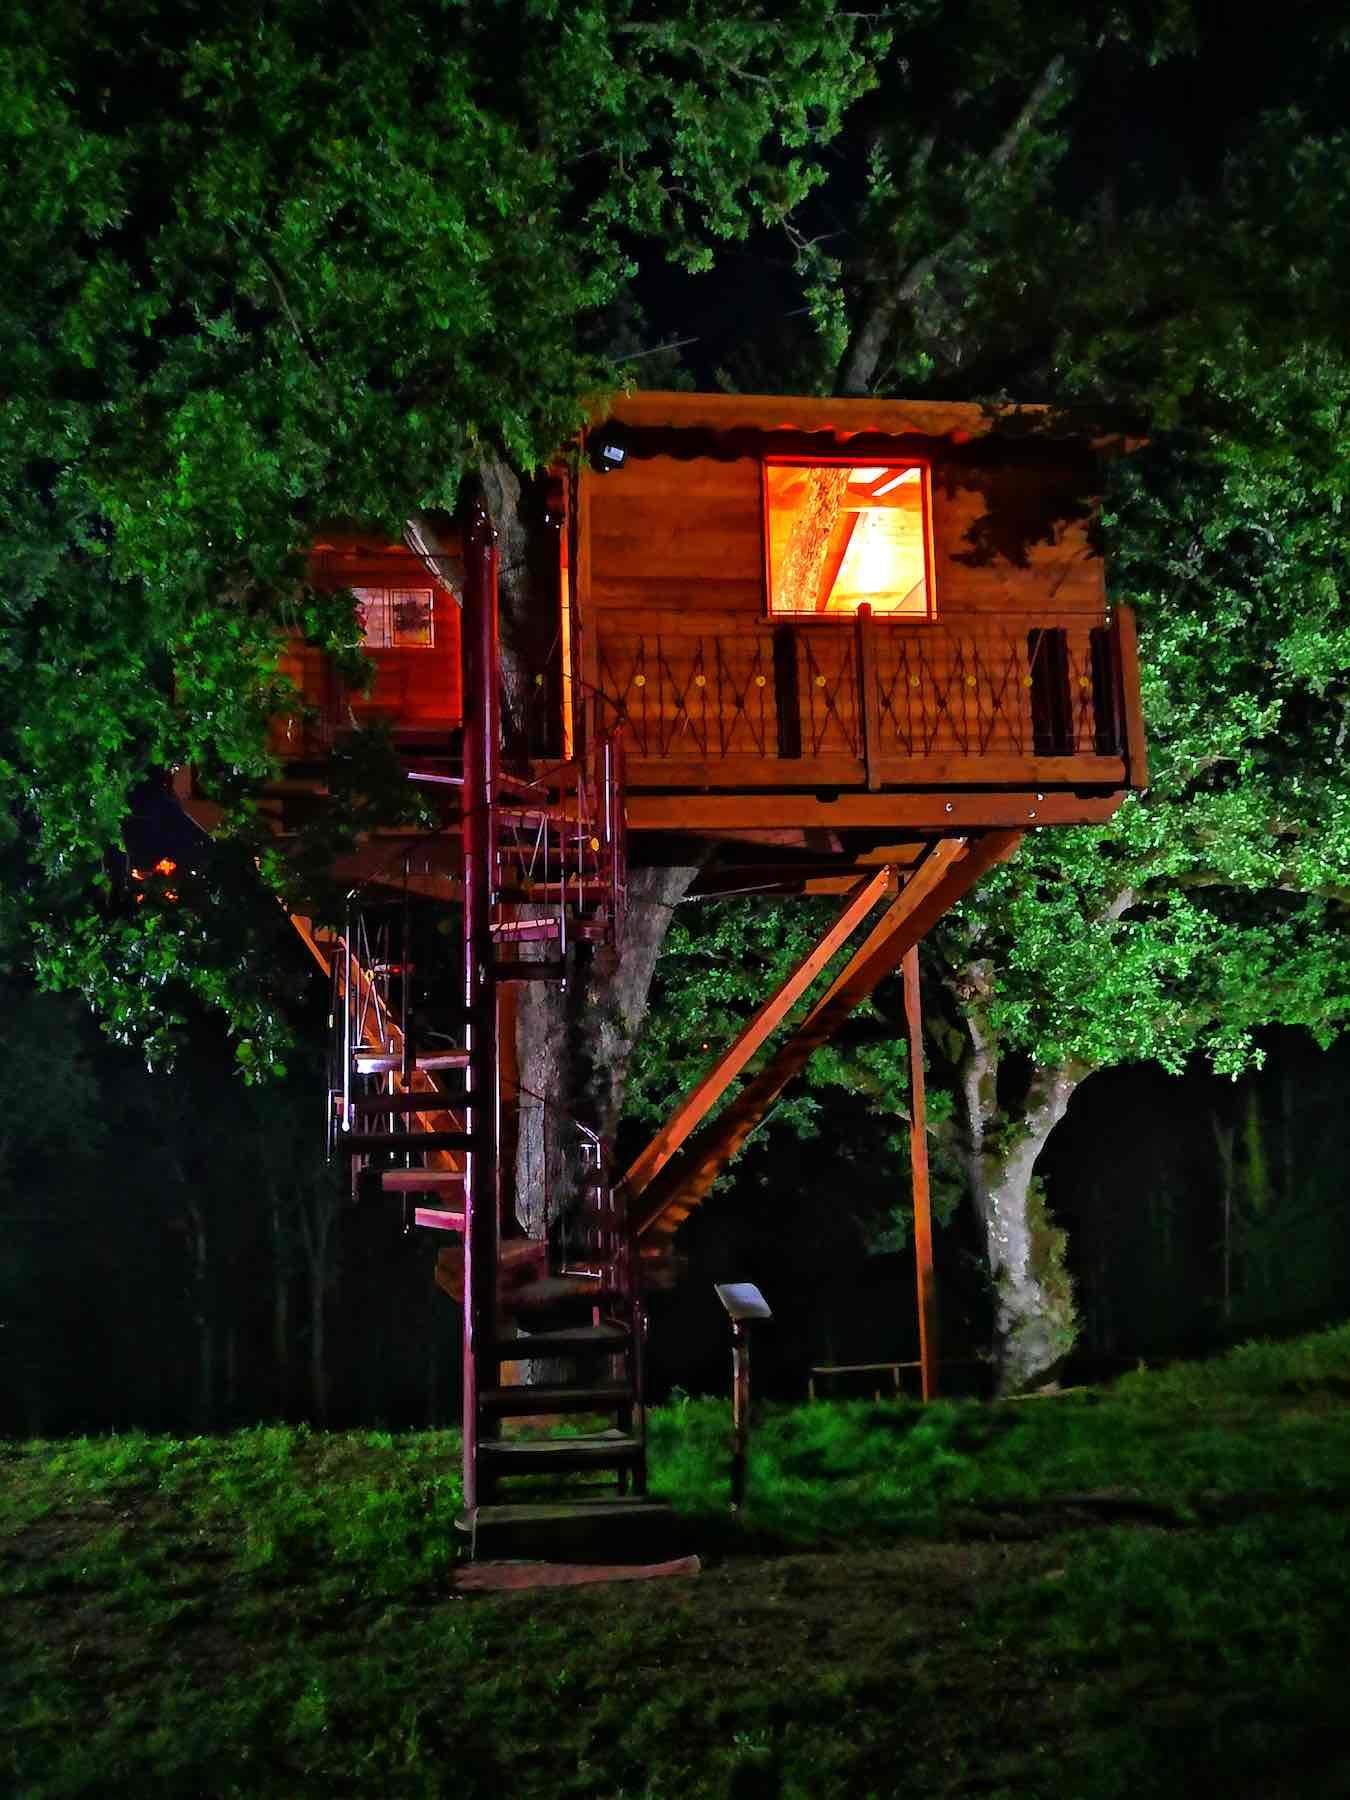 Casa sull\'albero - Tenuta Bocchineri - Museo e Casa sull ...